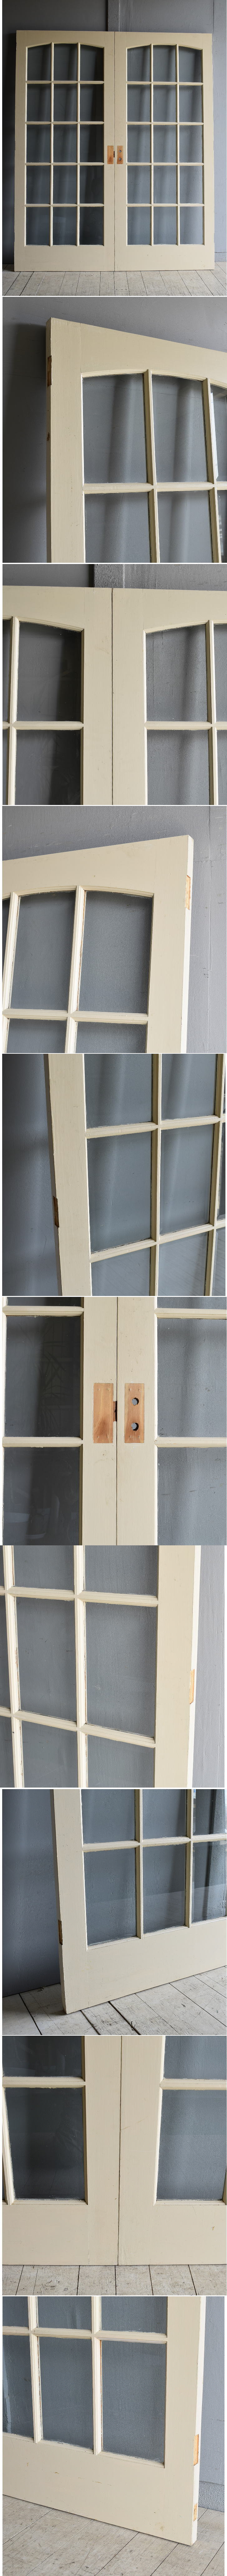 イギリス アンティーク ガラス ドアペア 扉 ディスプレイ 建具 7986